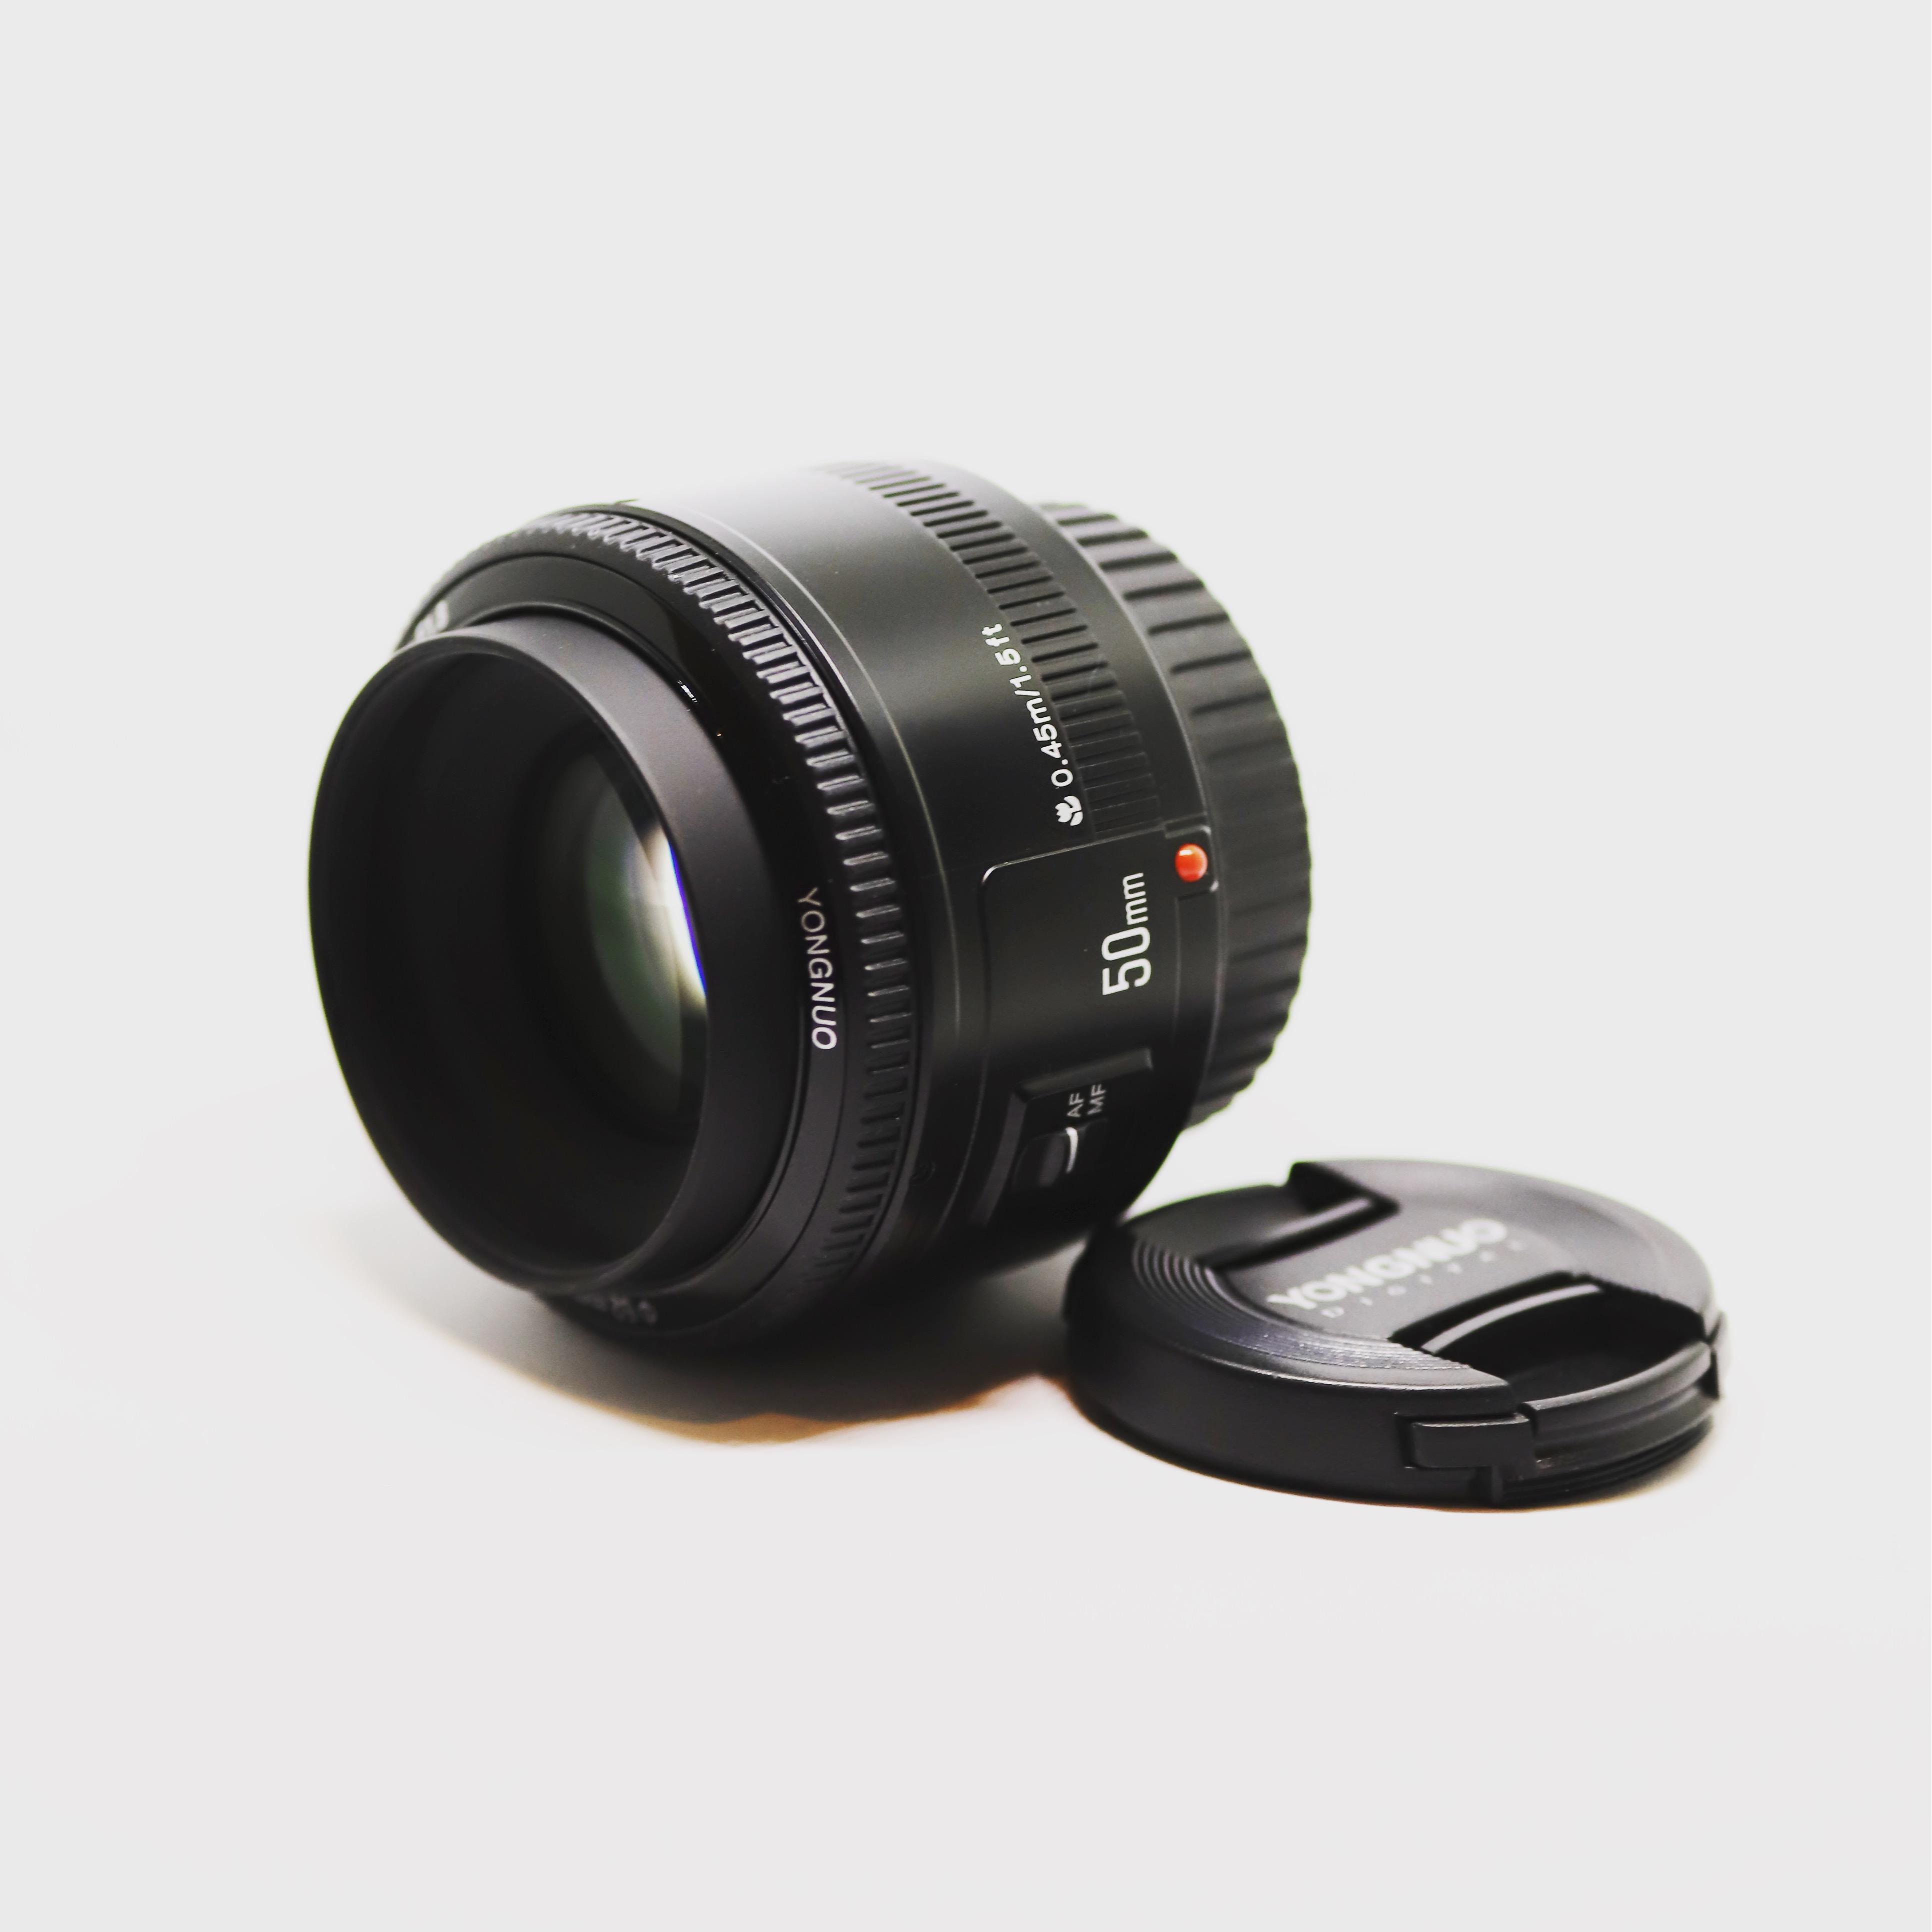 YONGNUO50mm F1.8